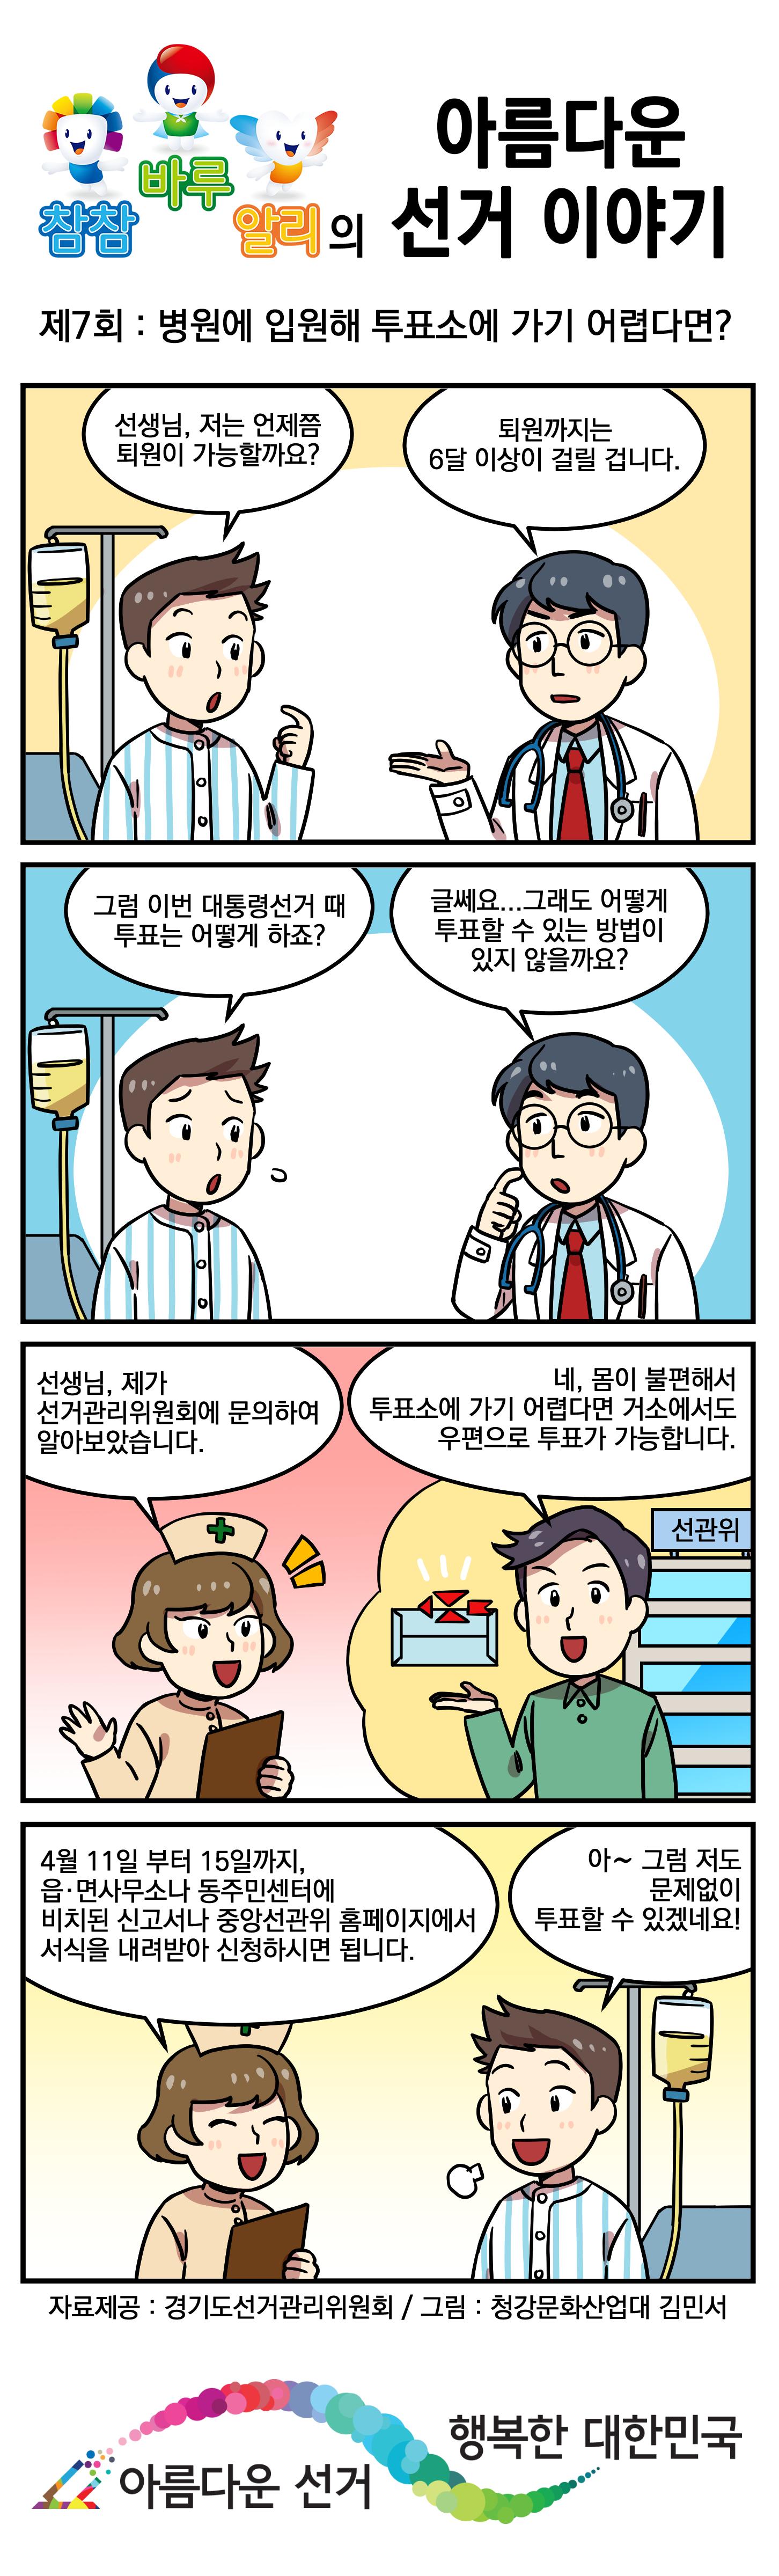 [아름다운 선거 이야기] 7회 병원에 입원해 투표소에 가기 어렵다면?